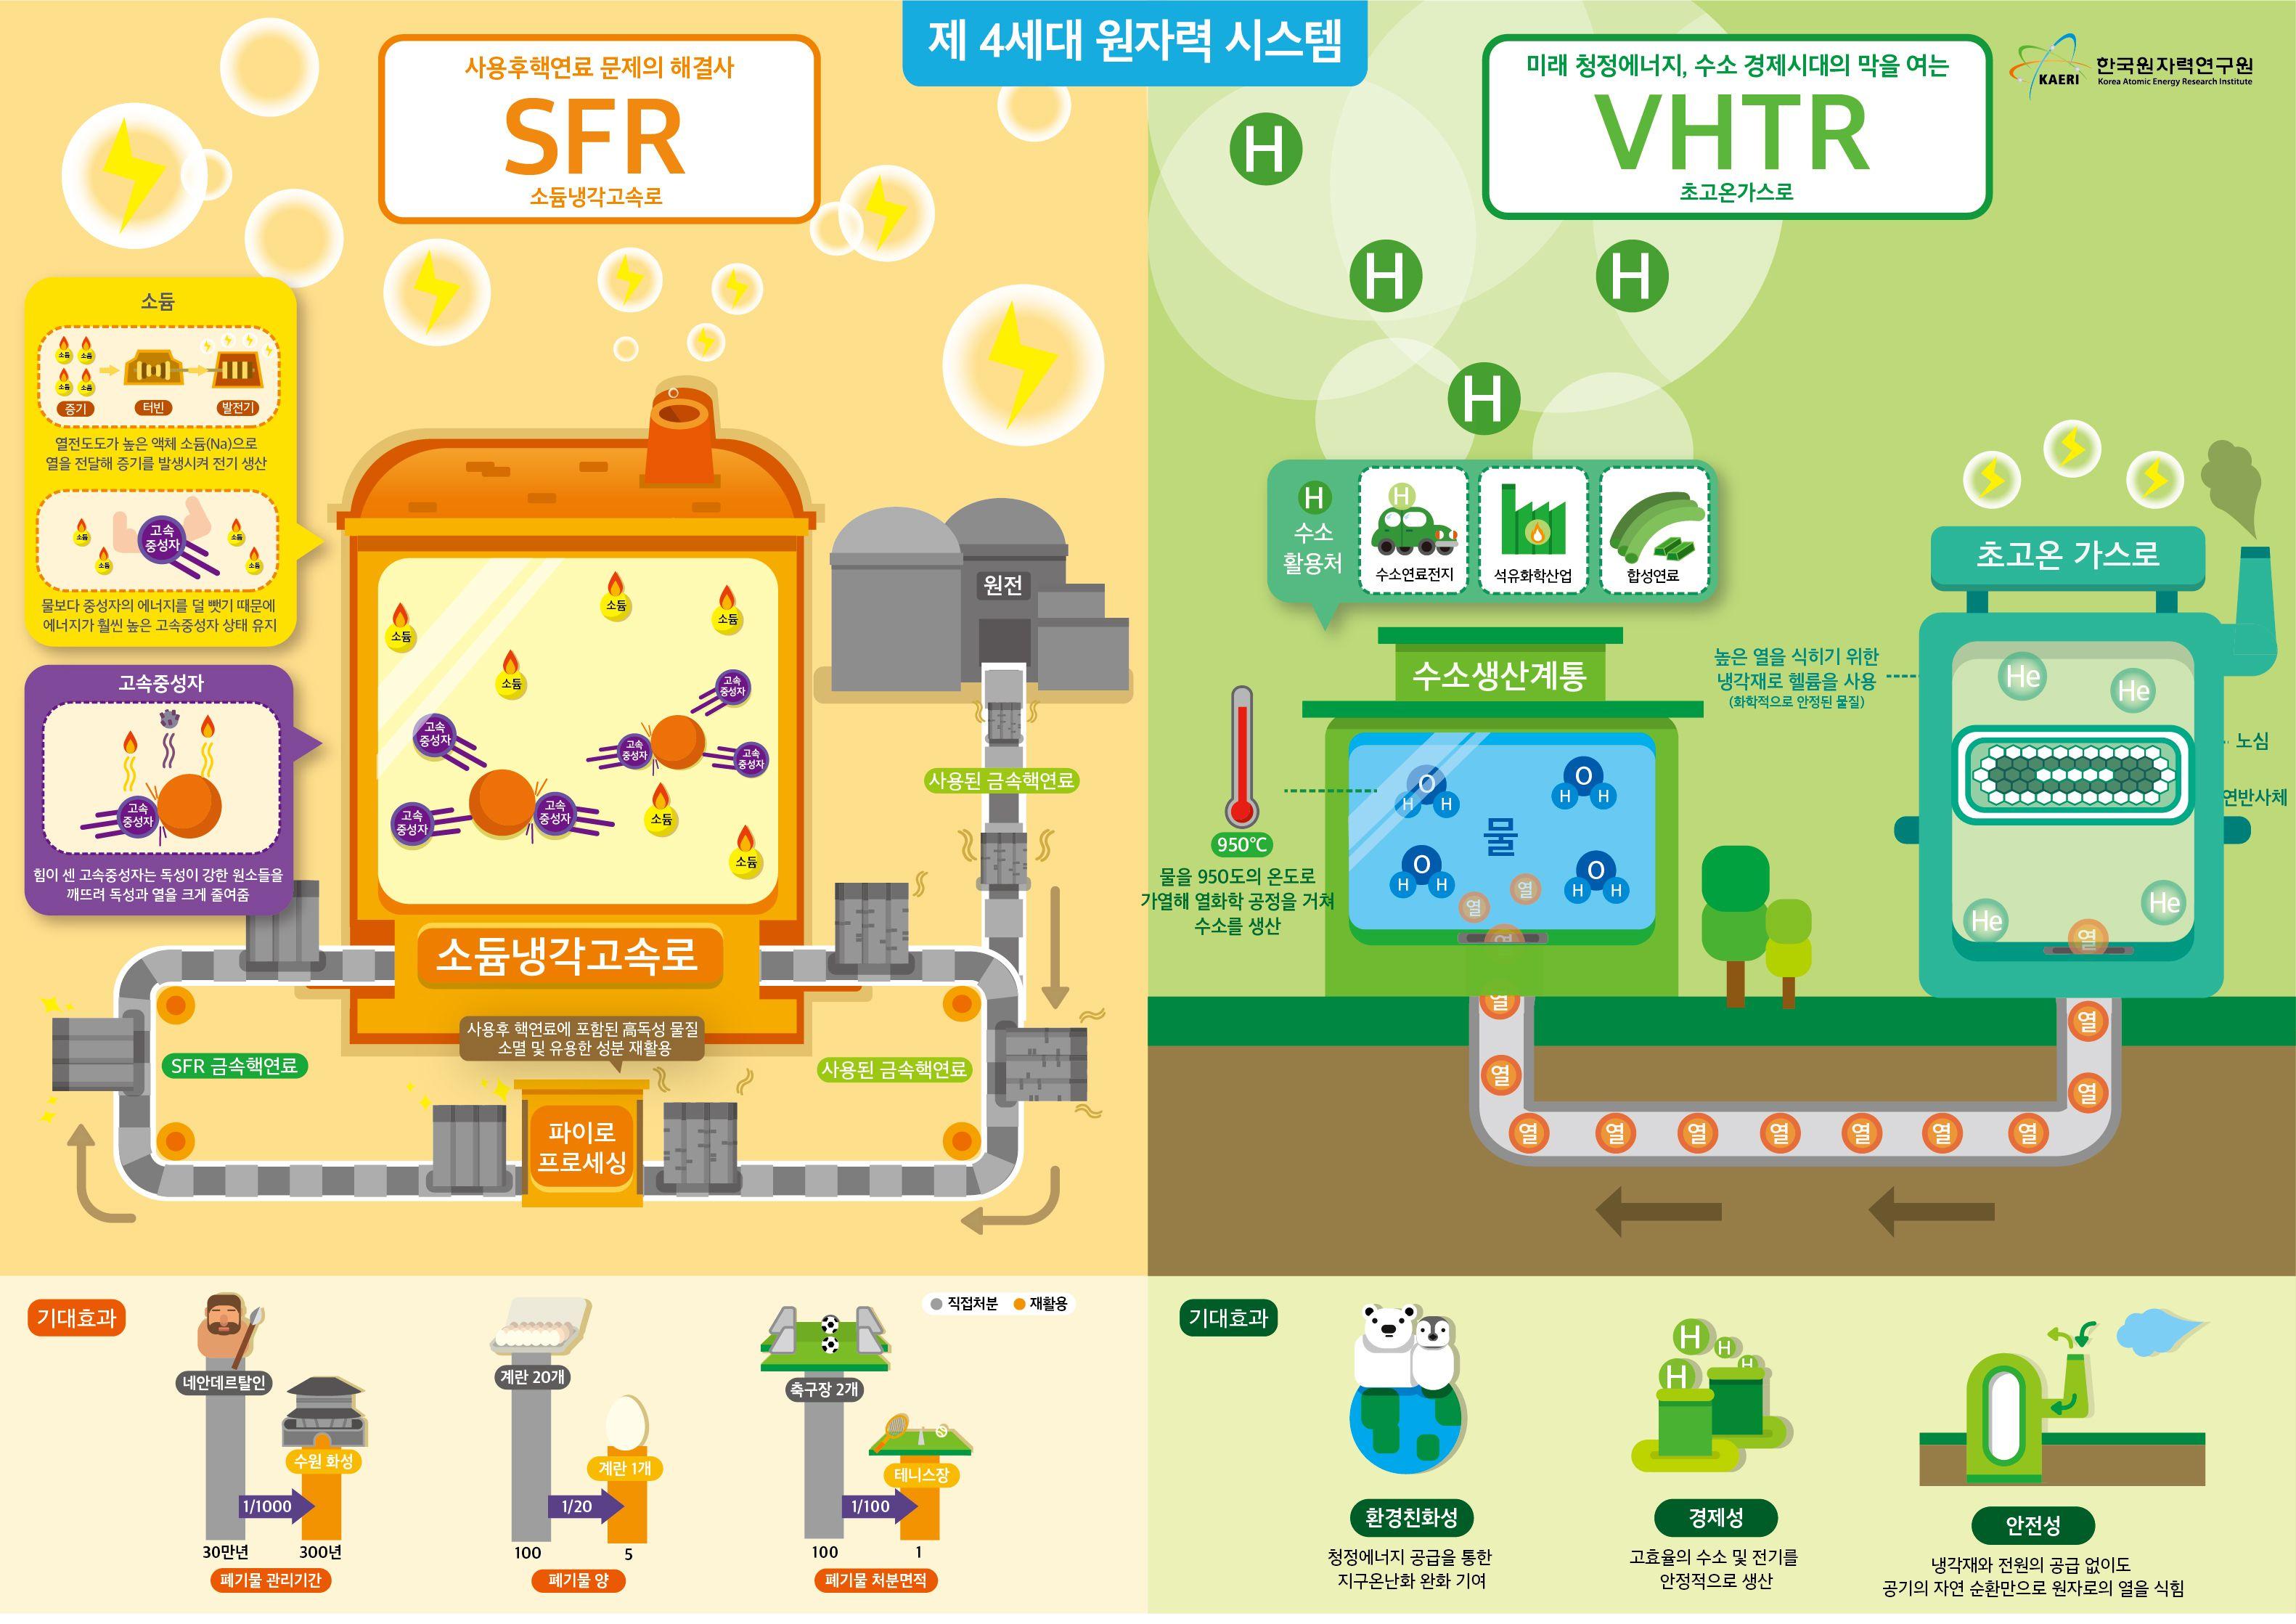 [한국원자력연구원] 제4세대 원자력 시스템 인포그래픽